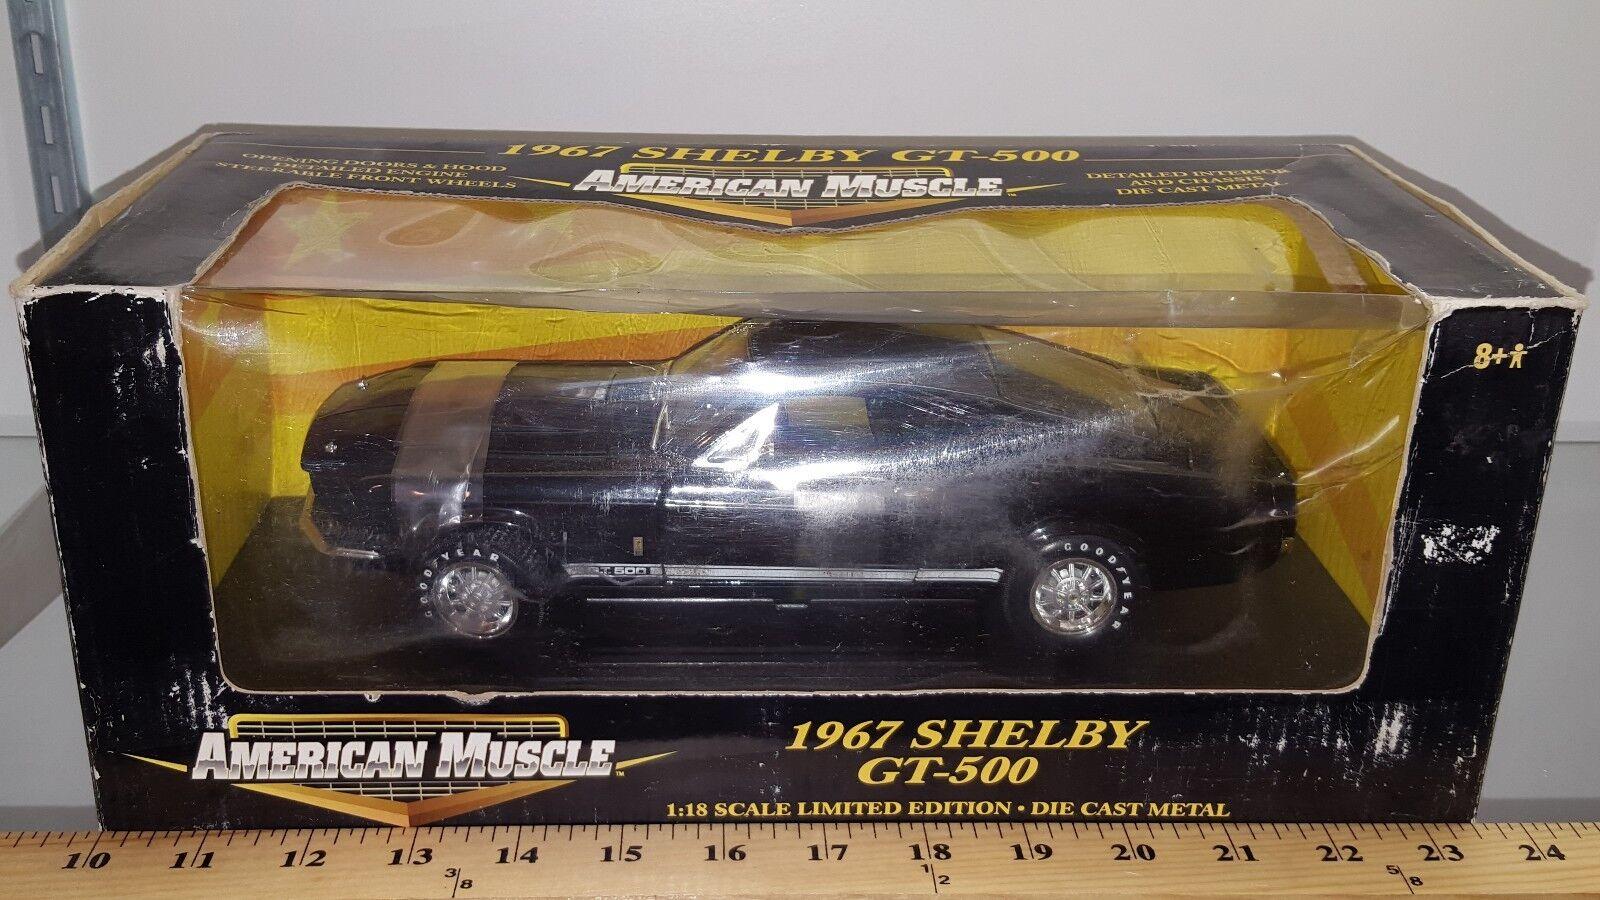 ventas de salida 1 18 Ertl American Muscle 1967 Ford Shelby Shelby Shelby GT-500 negro gd  Sin impuestos